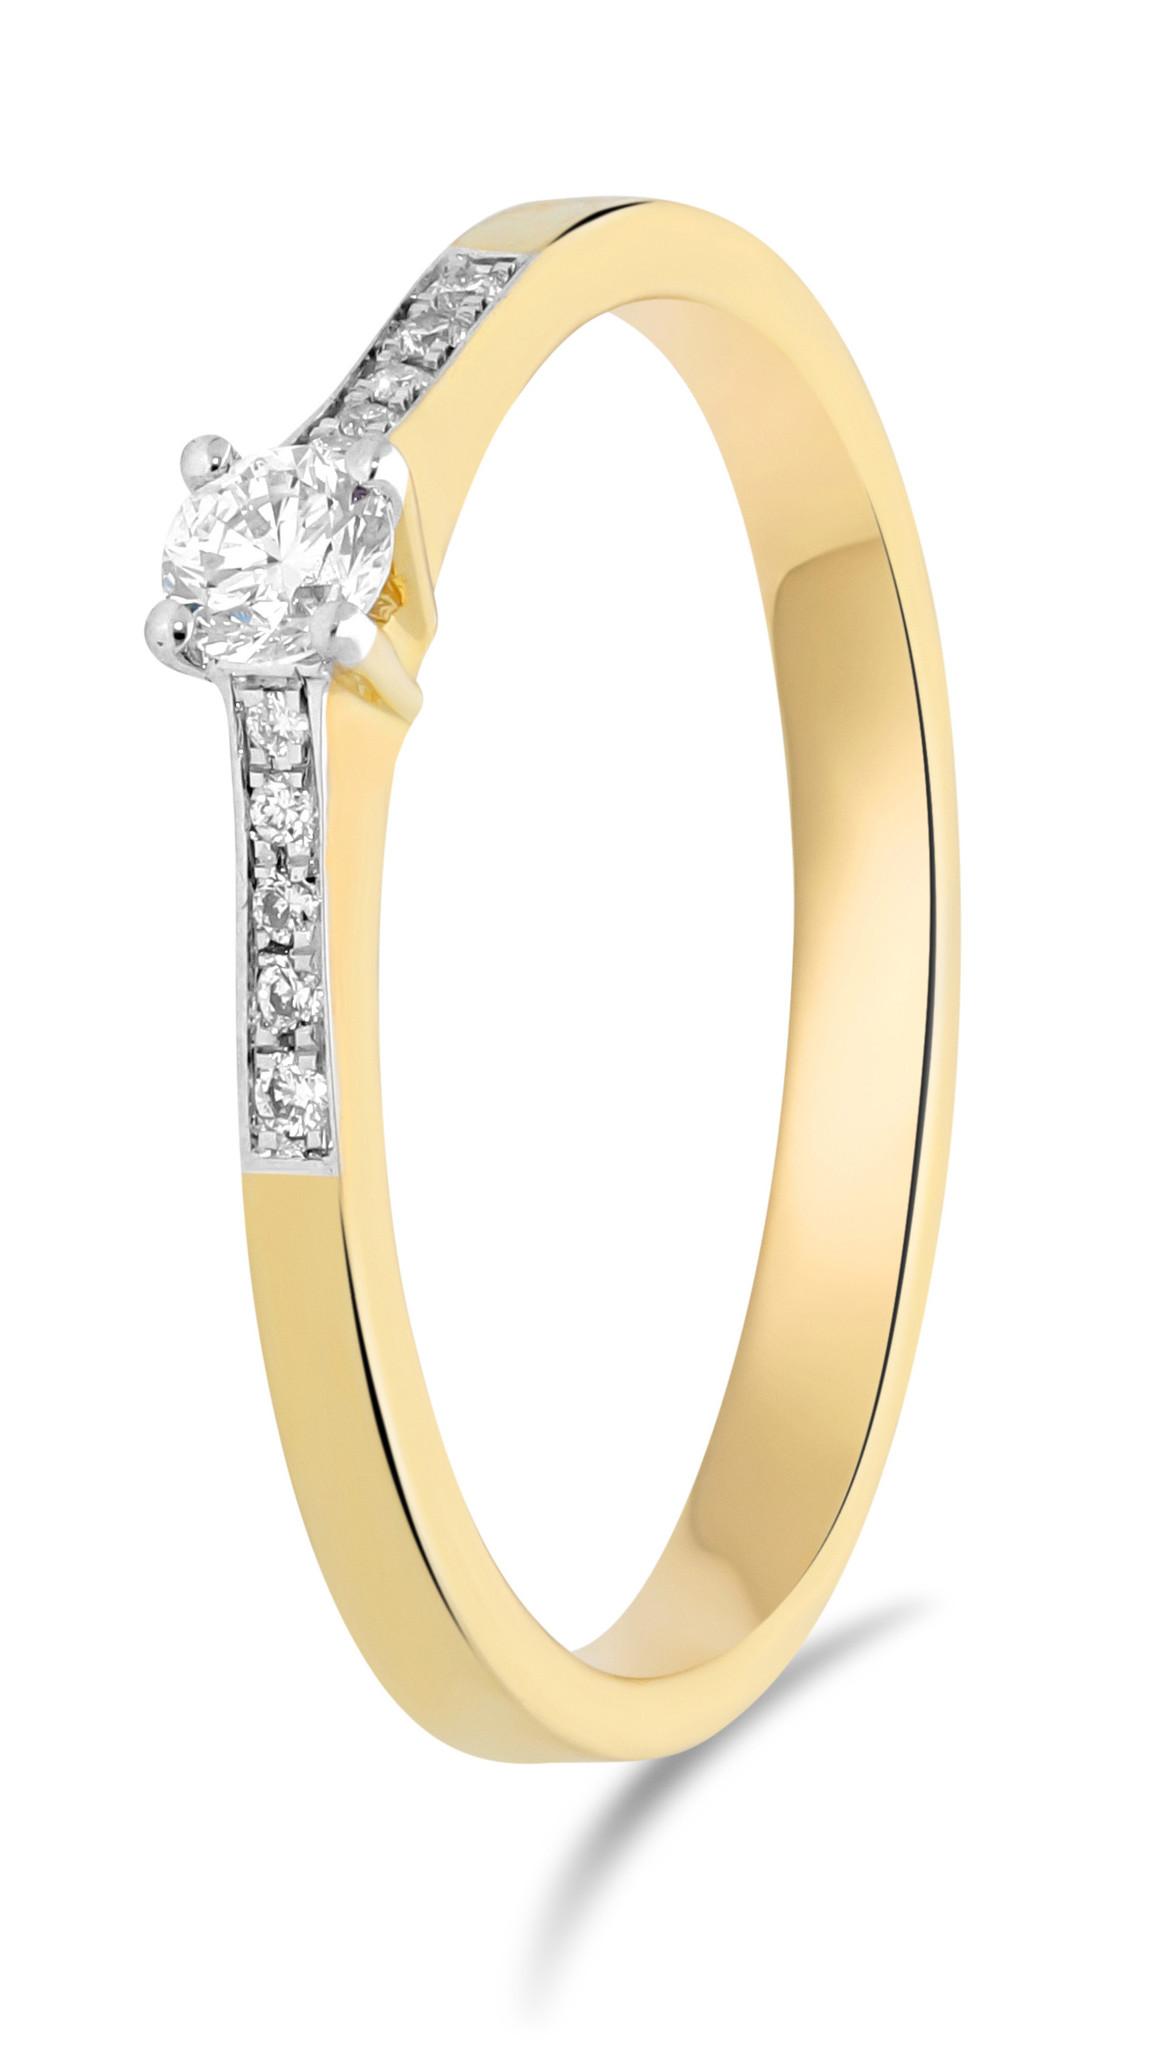 14 karaat geelgouden ring met diamanten 0.05 crt. - Solitair - Geelgoud-1